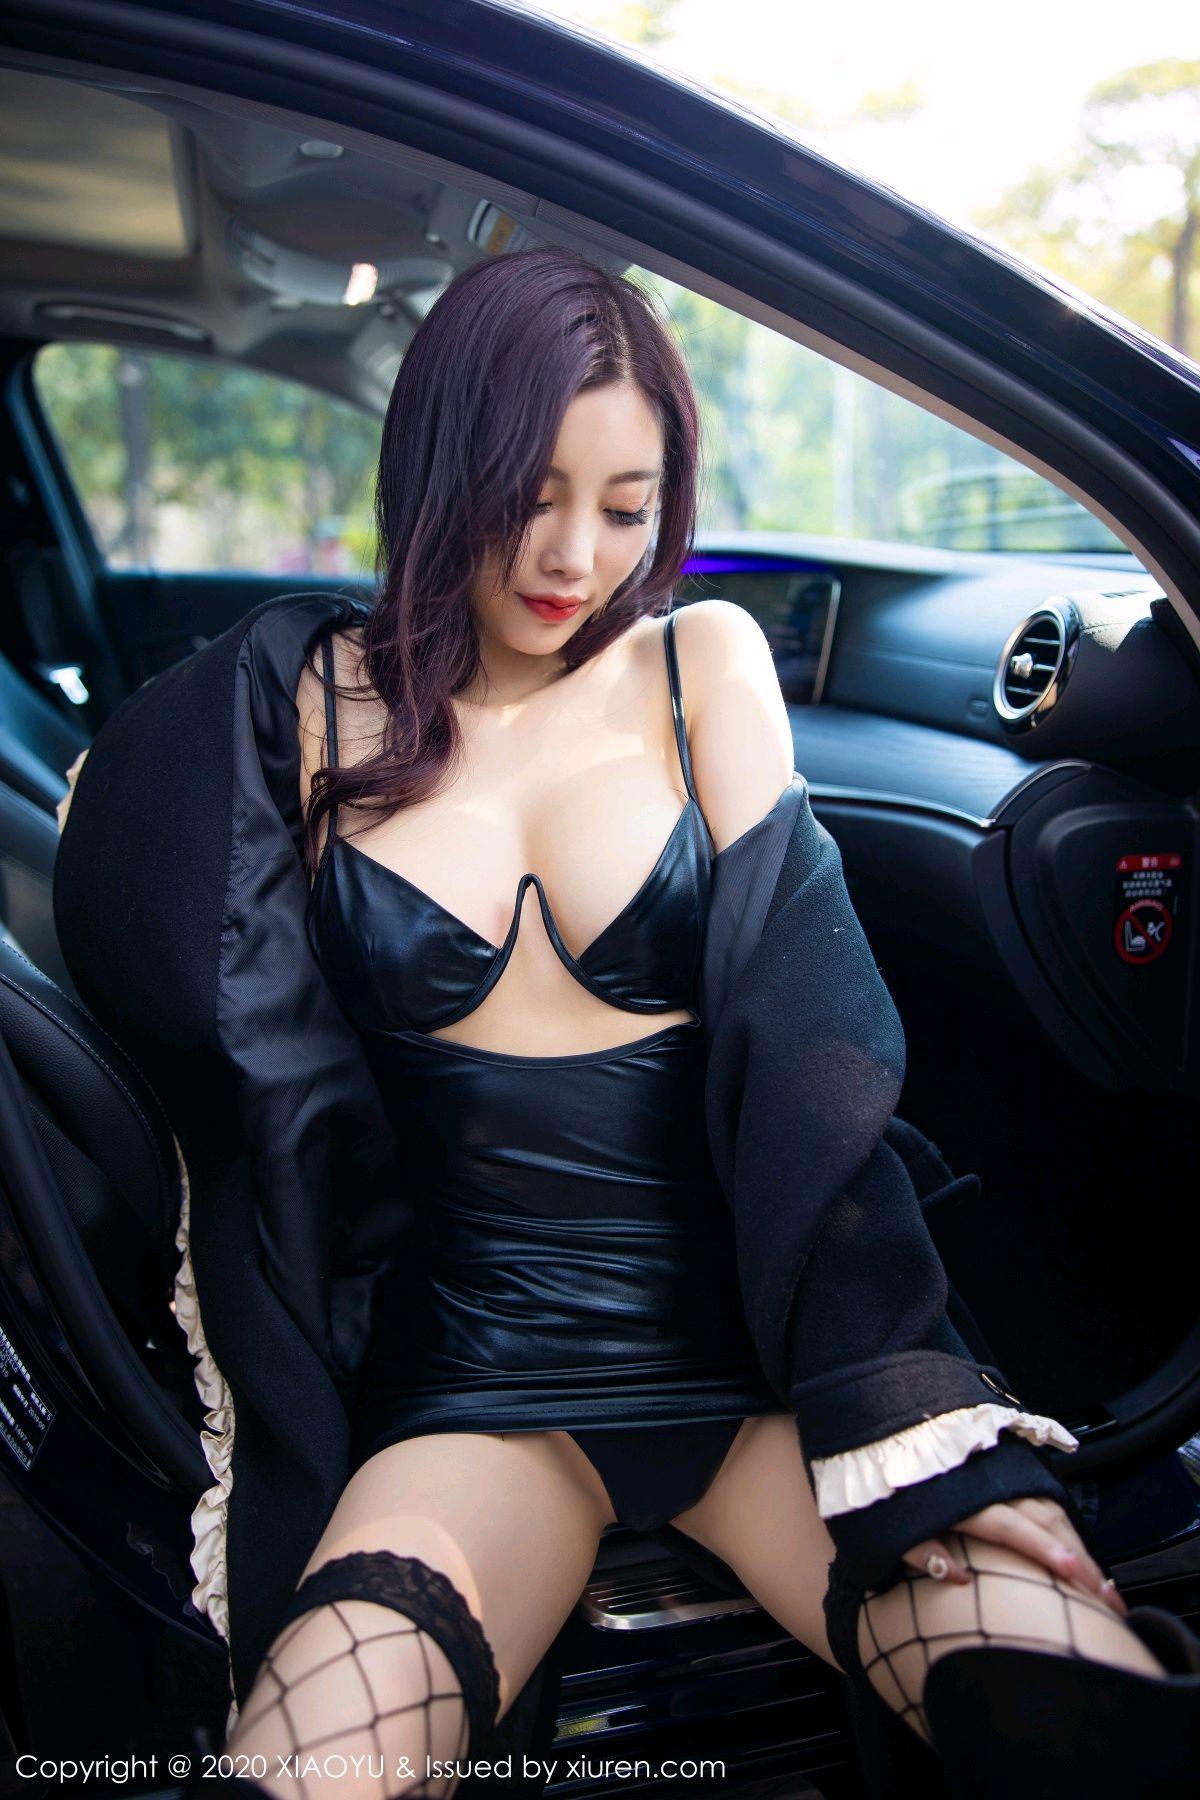 [XiuRen] Vol.338 Yang Chen Chen 13P, Outdoor, Tall, Xiuren, Yang Chen Chen